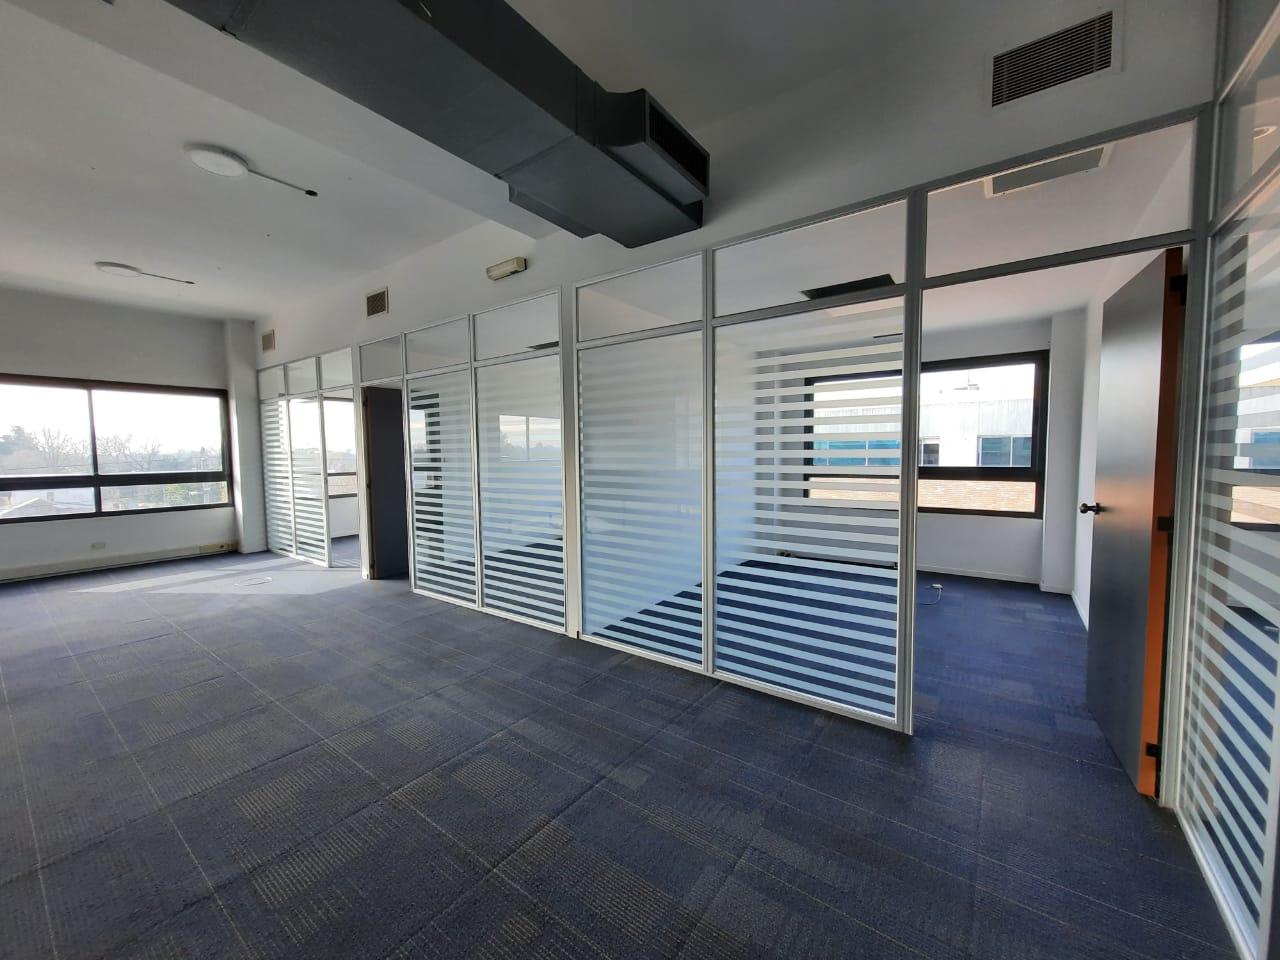 GIN - Grupo Inmobiliario Norte:  Alquiler Oficina en Office Park Norte, Panamericana Km 42,5 Pilar